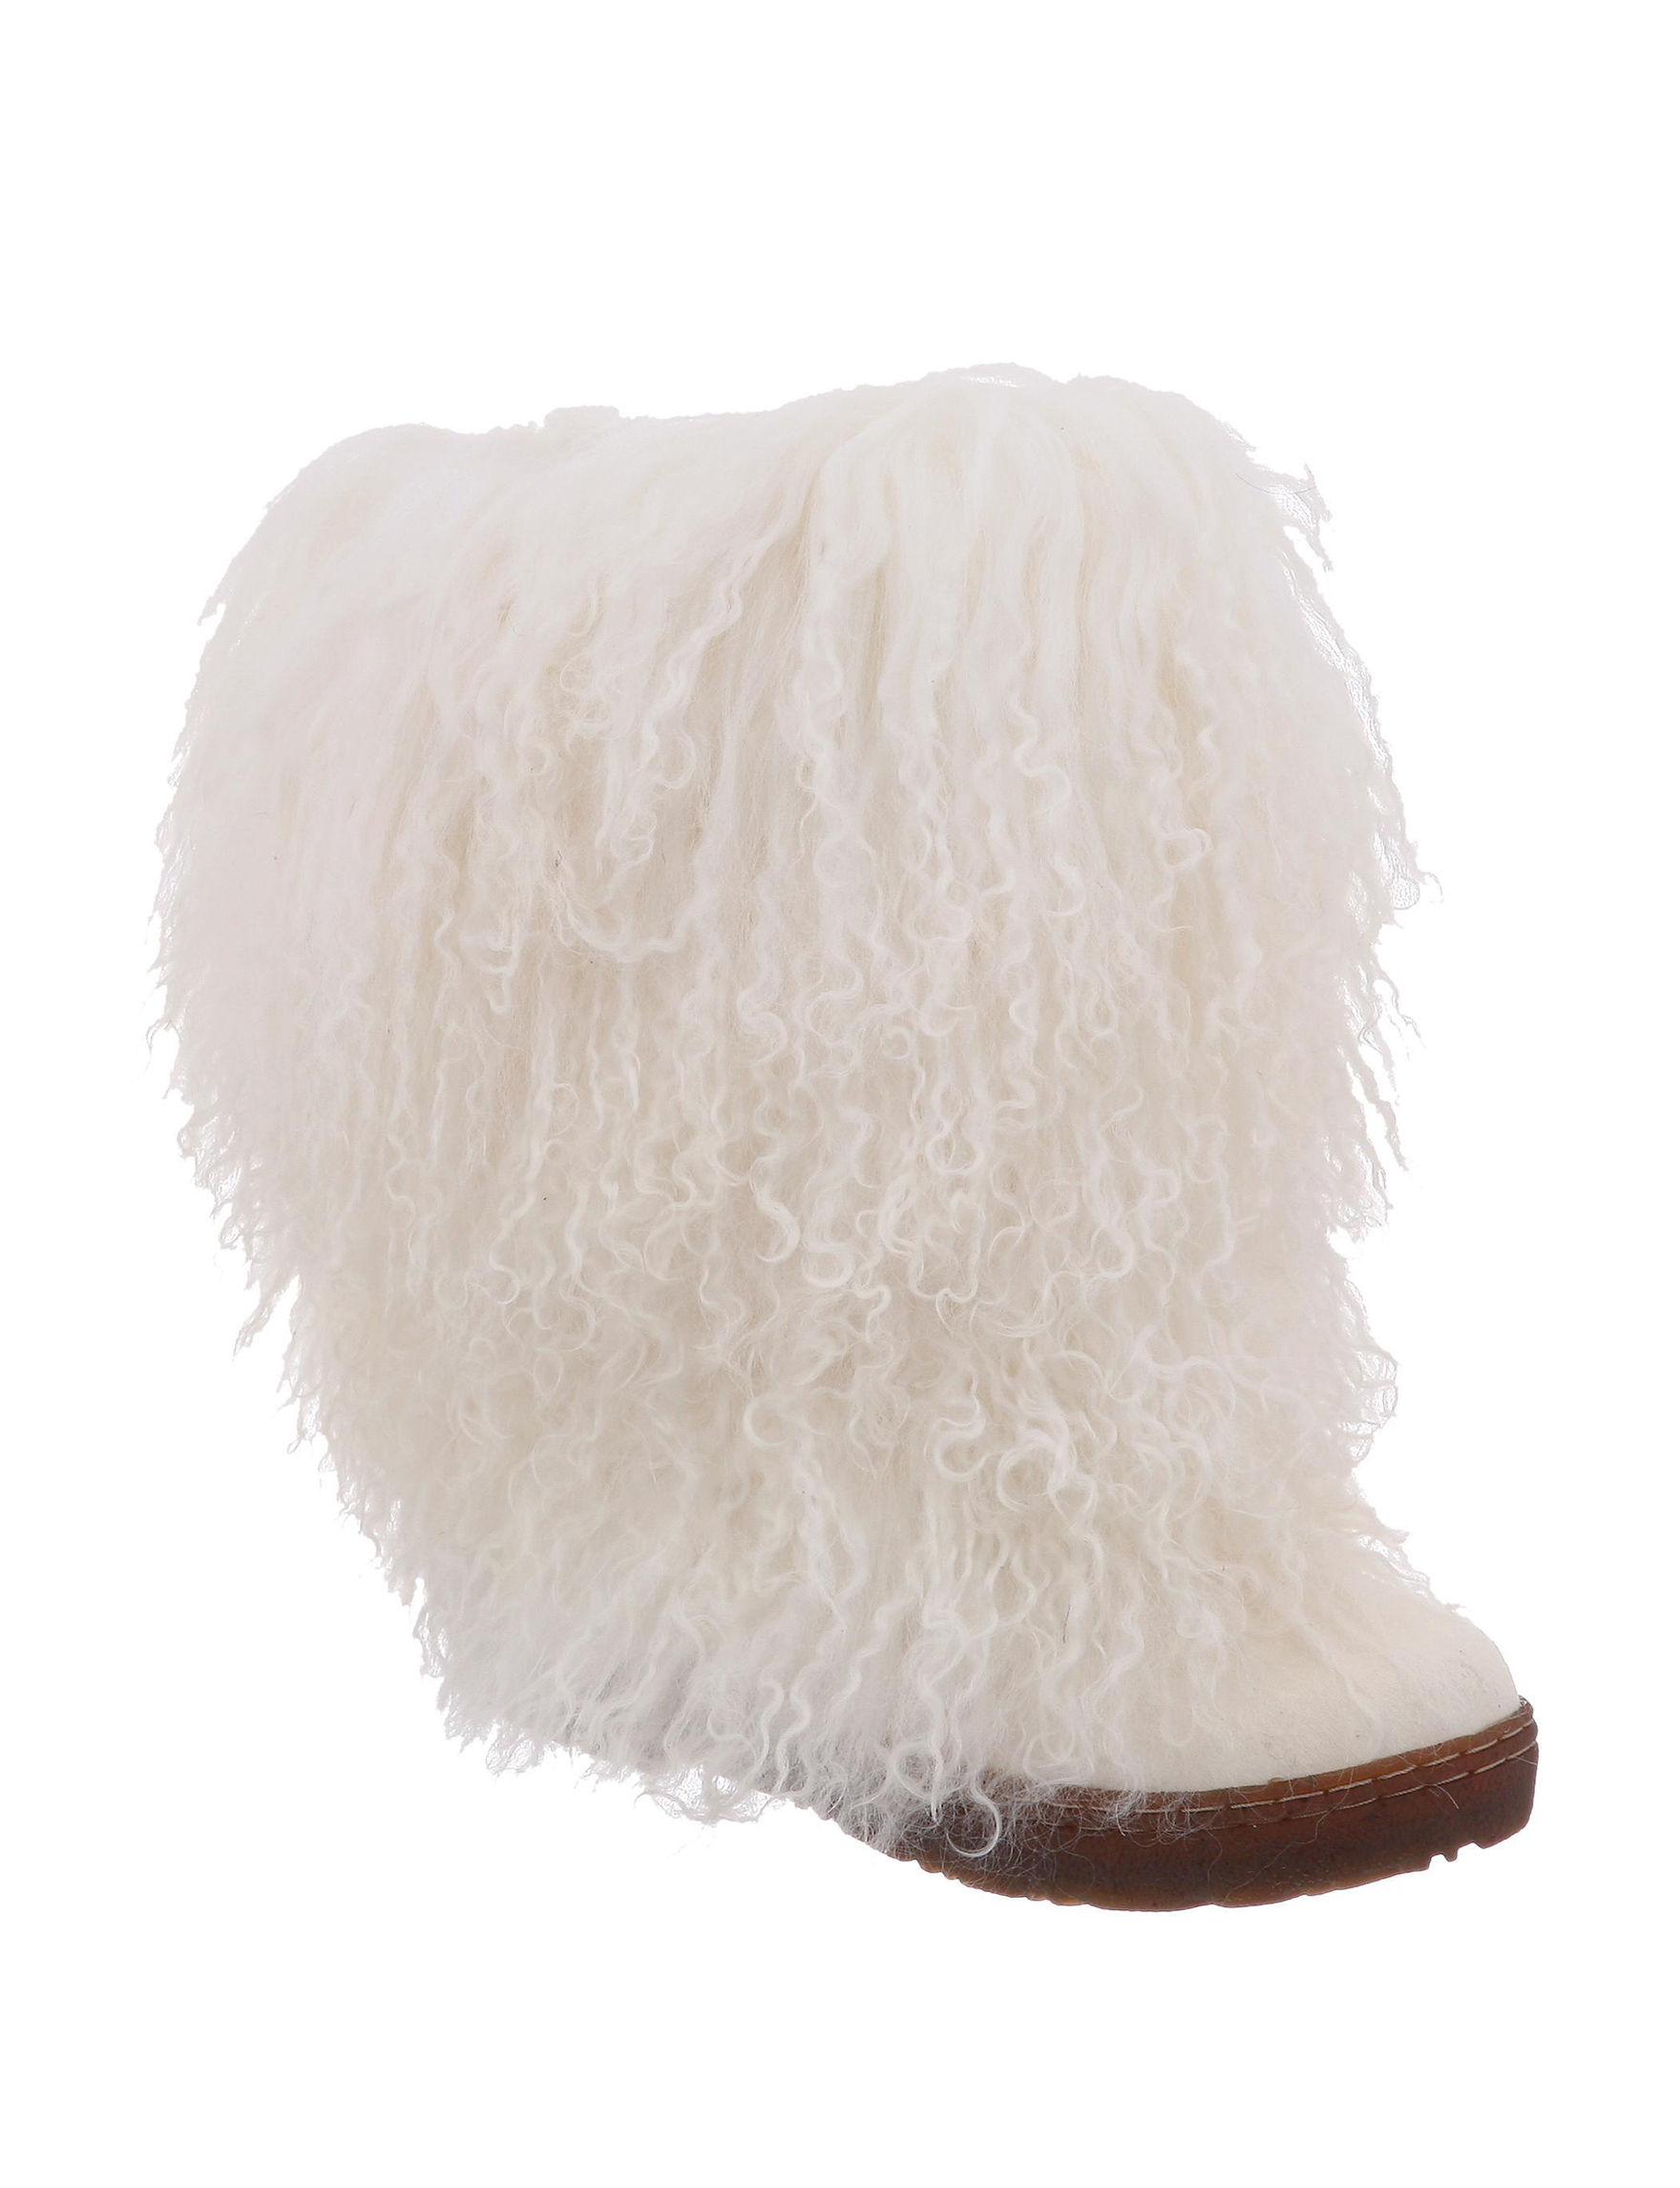 Bearpaw White